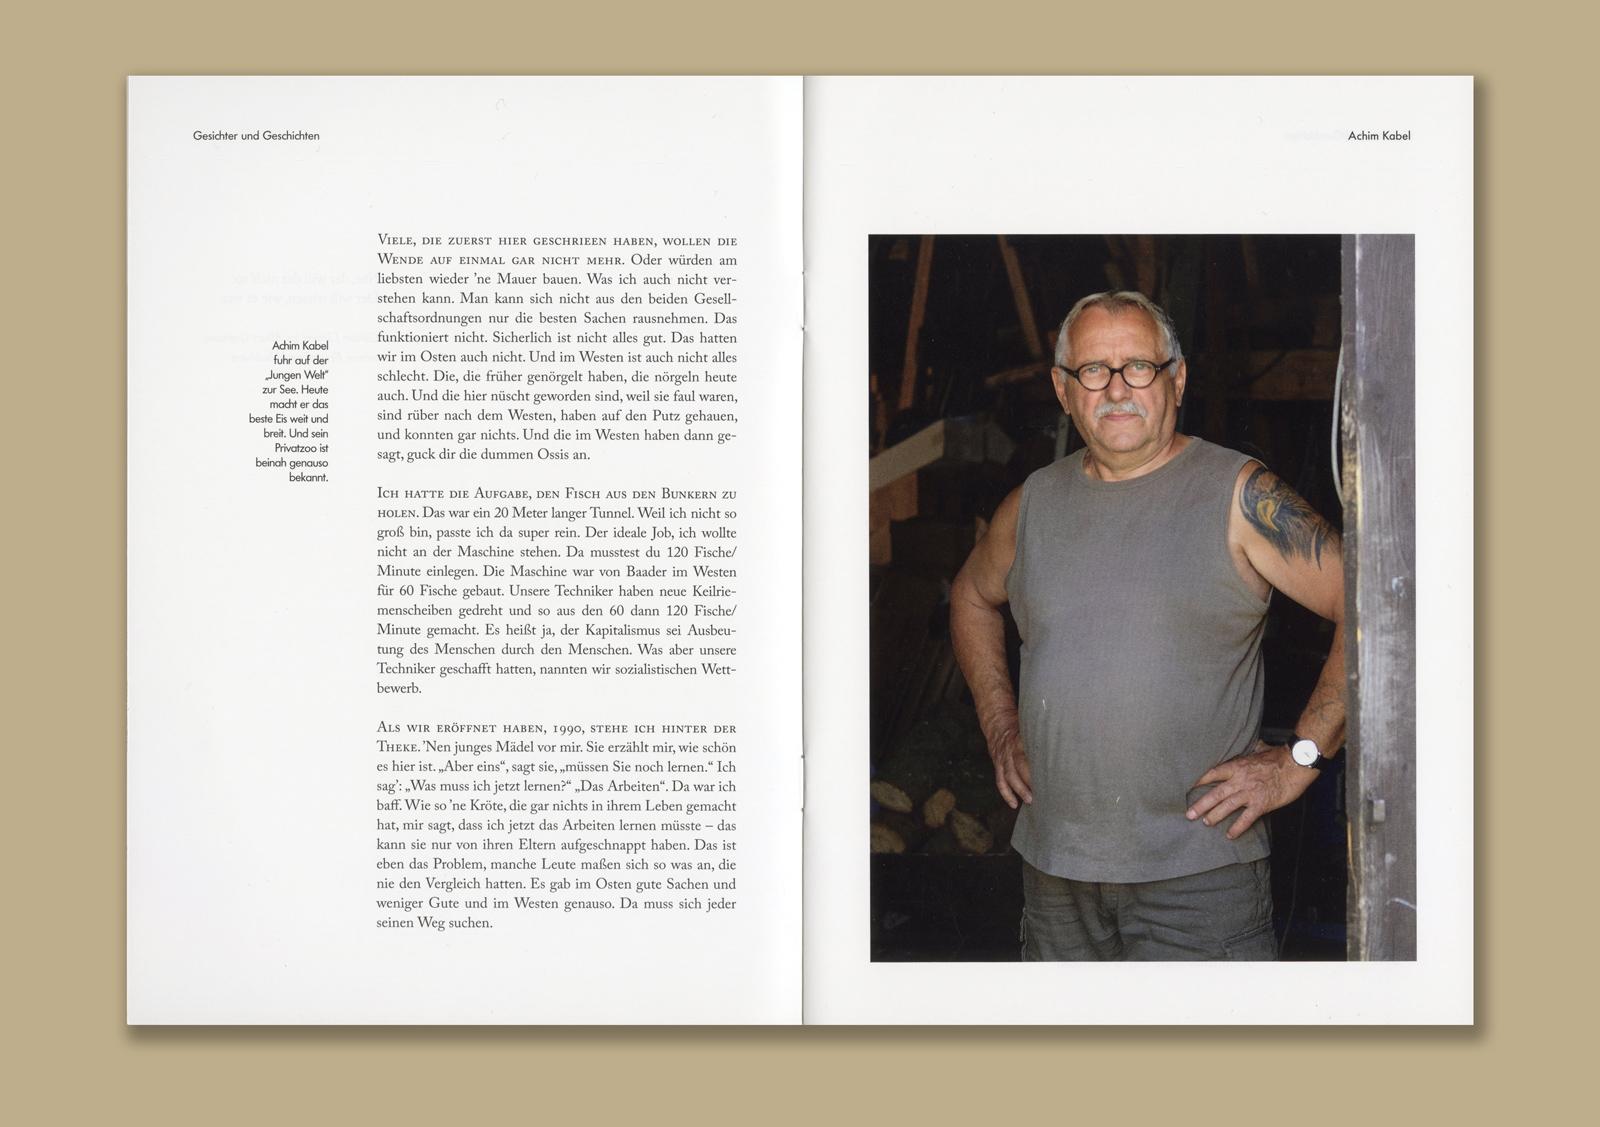 Alexander-Hilbert-Gesichter-Und-Geschichten-Krautin-Verlag10